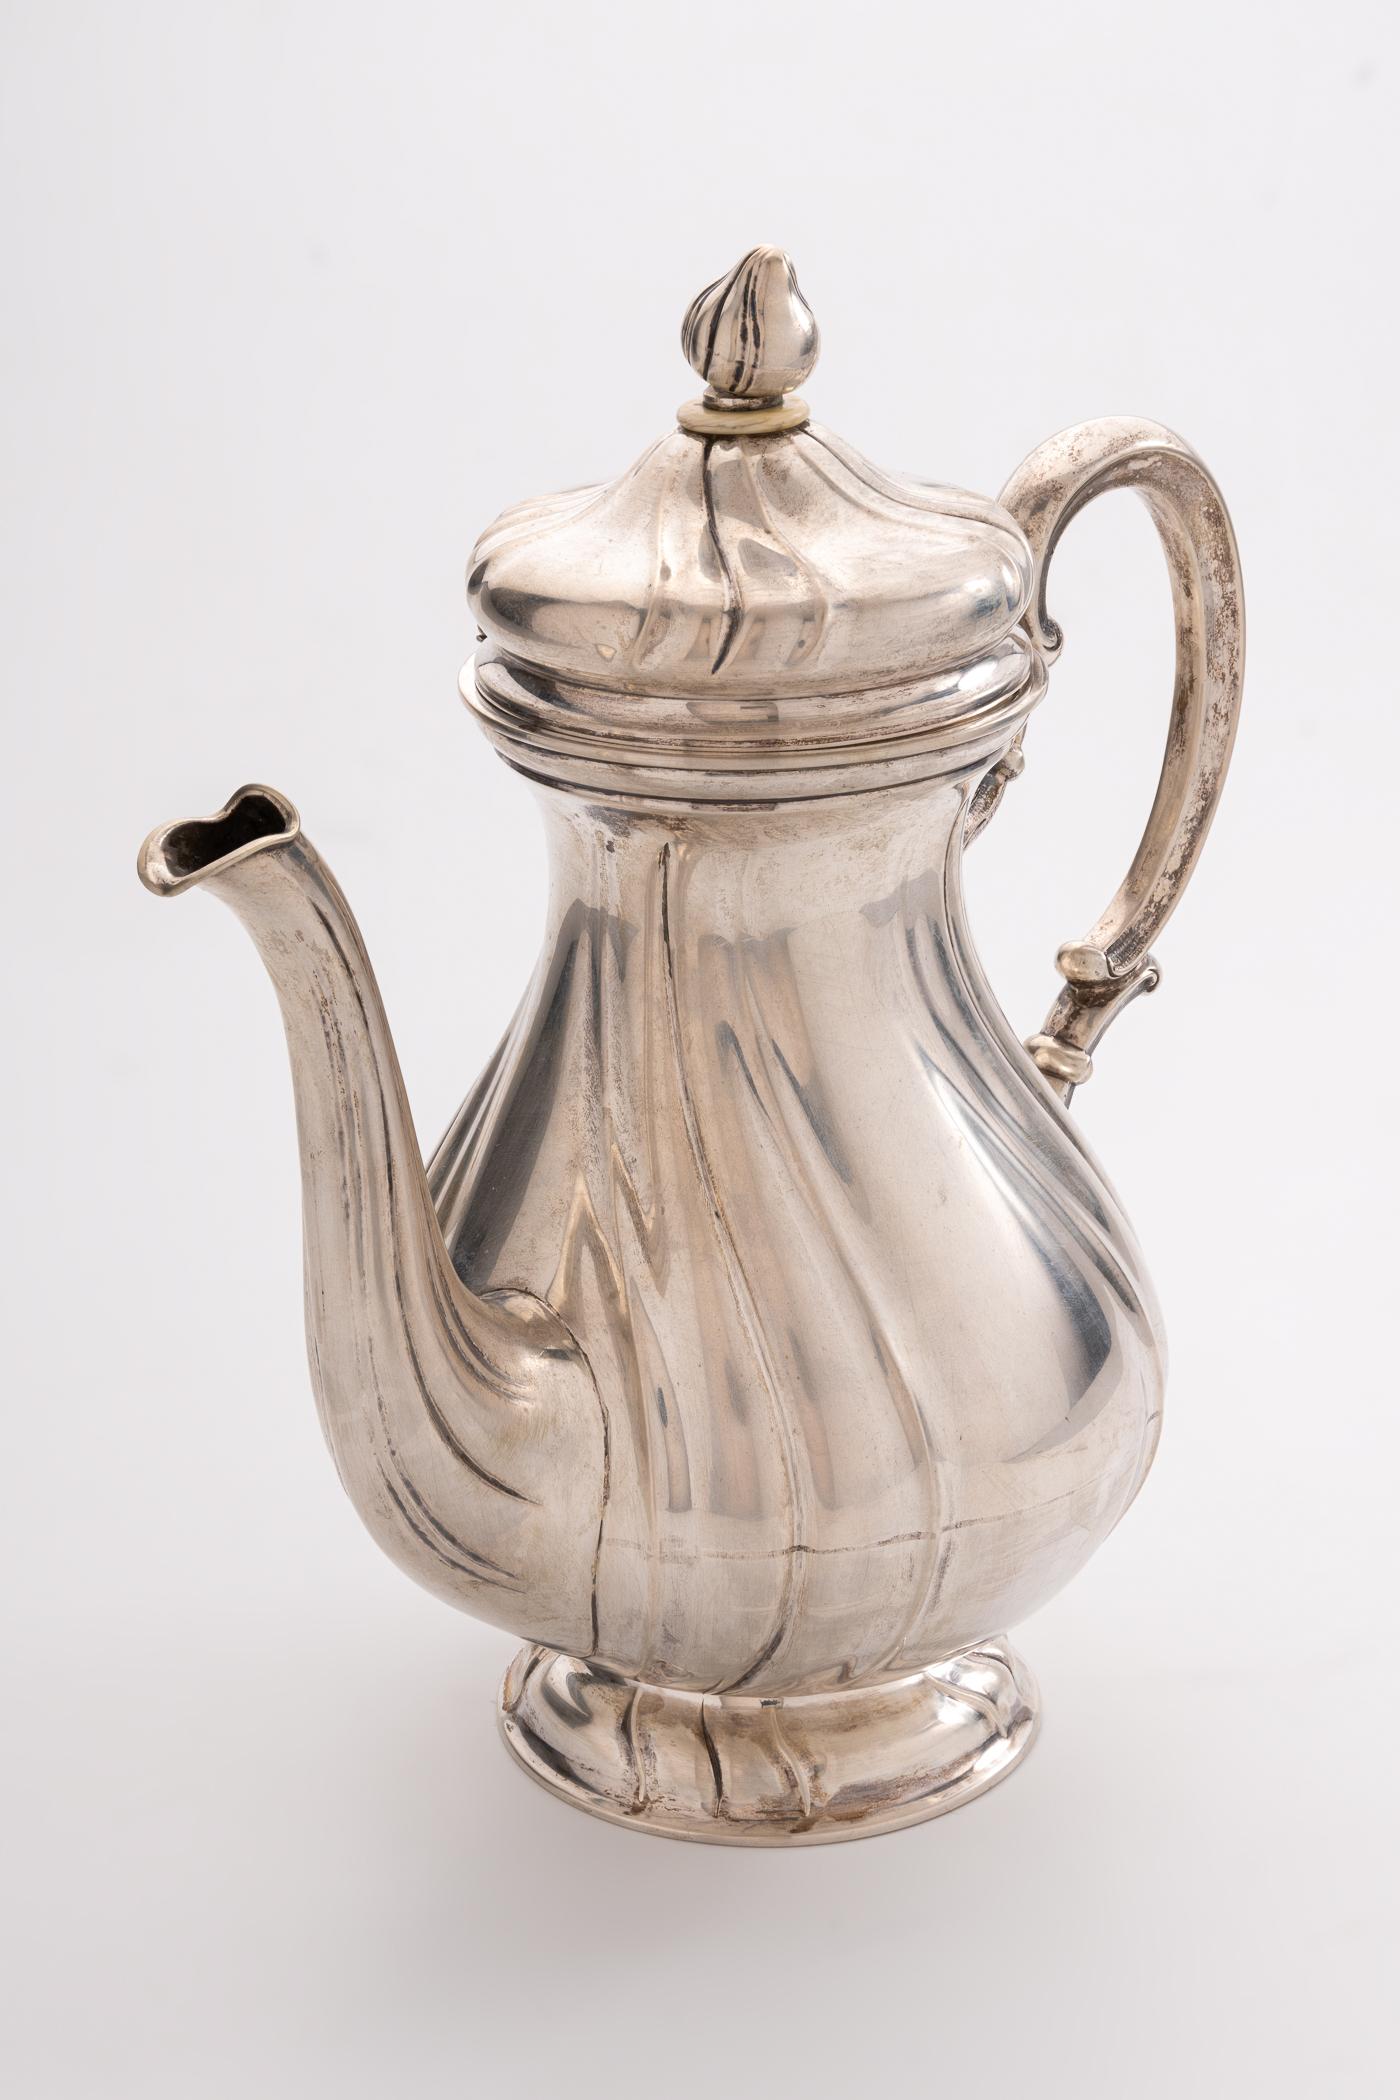 Czajnik na herbatę, Słowacja 1929-1941